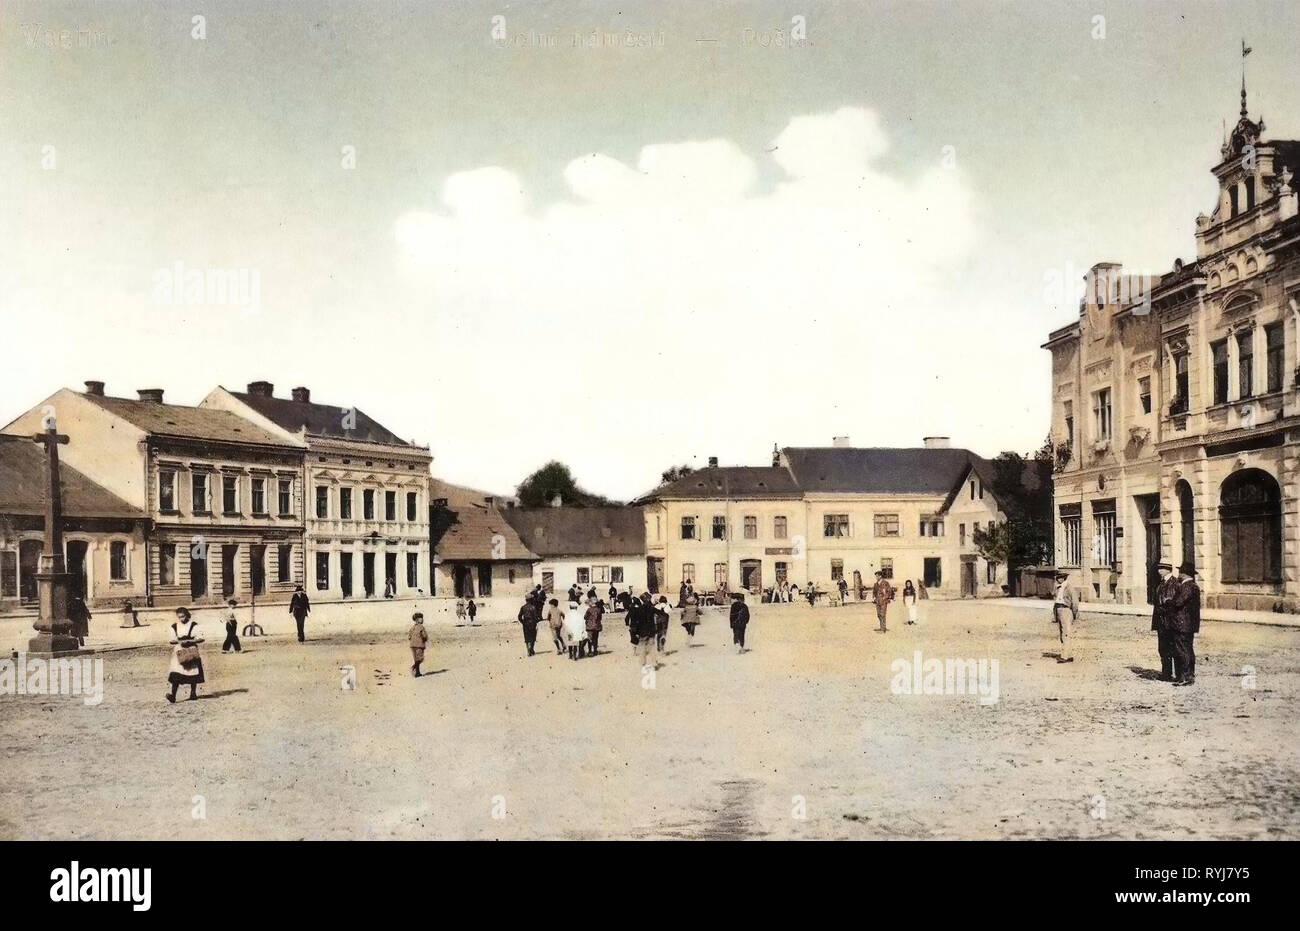 Buildings in Vsetín, Dolní náměstí (Vsetín), Christian crosses, 1909 postcards, Vsetin, 1909, Posta - Stock Image